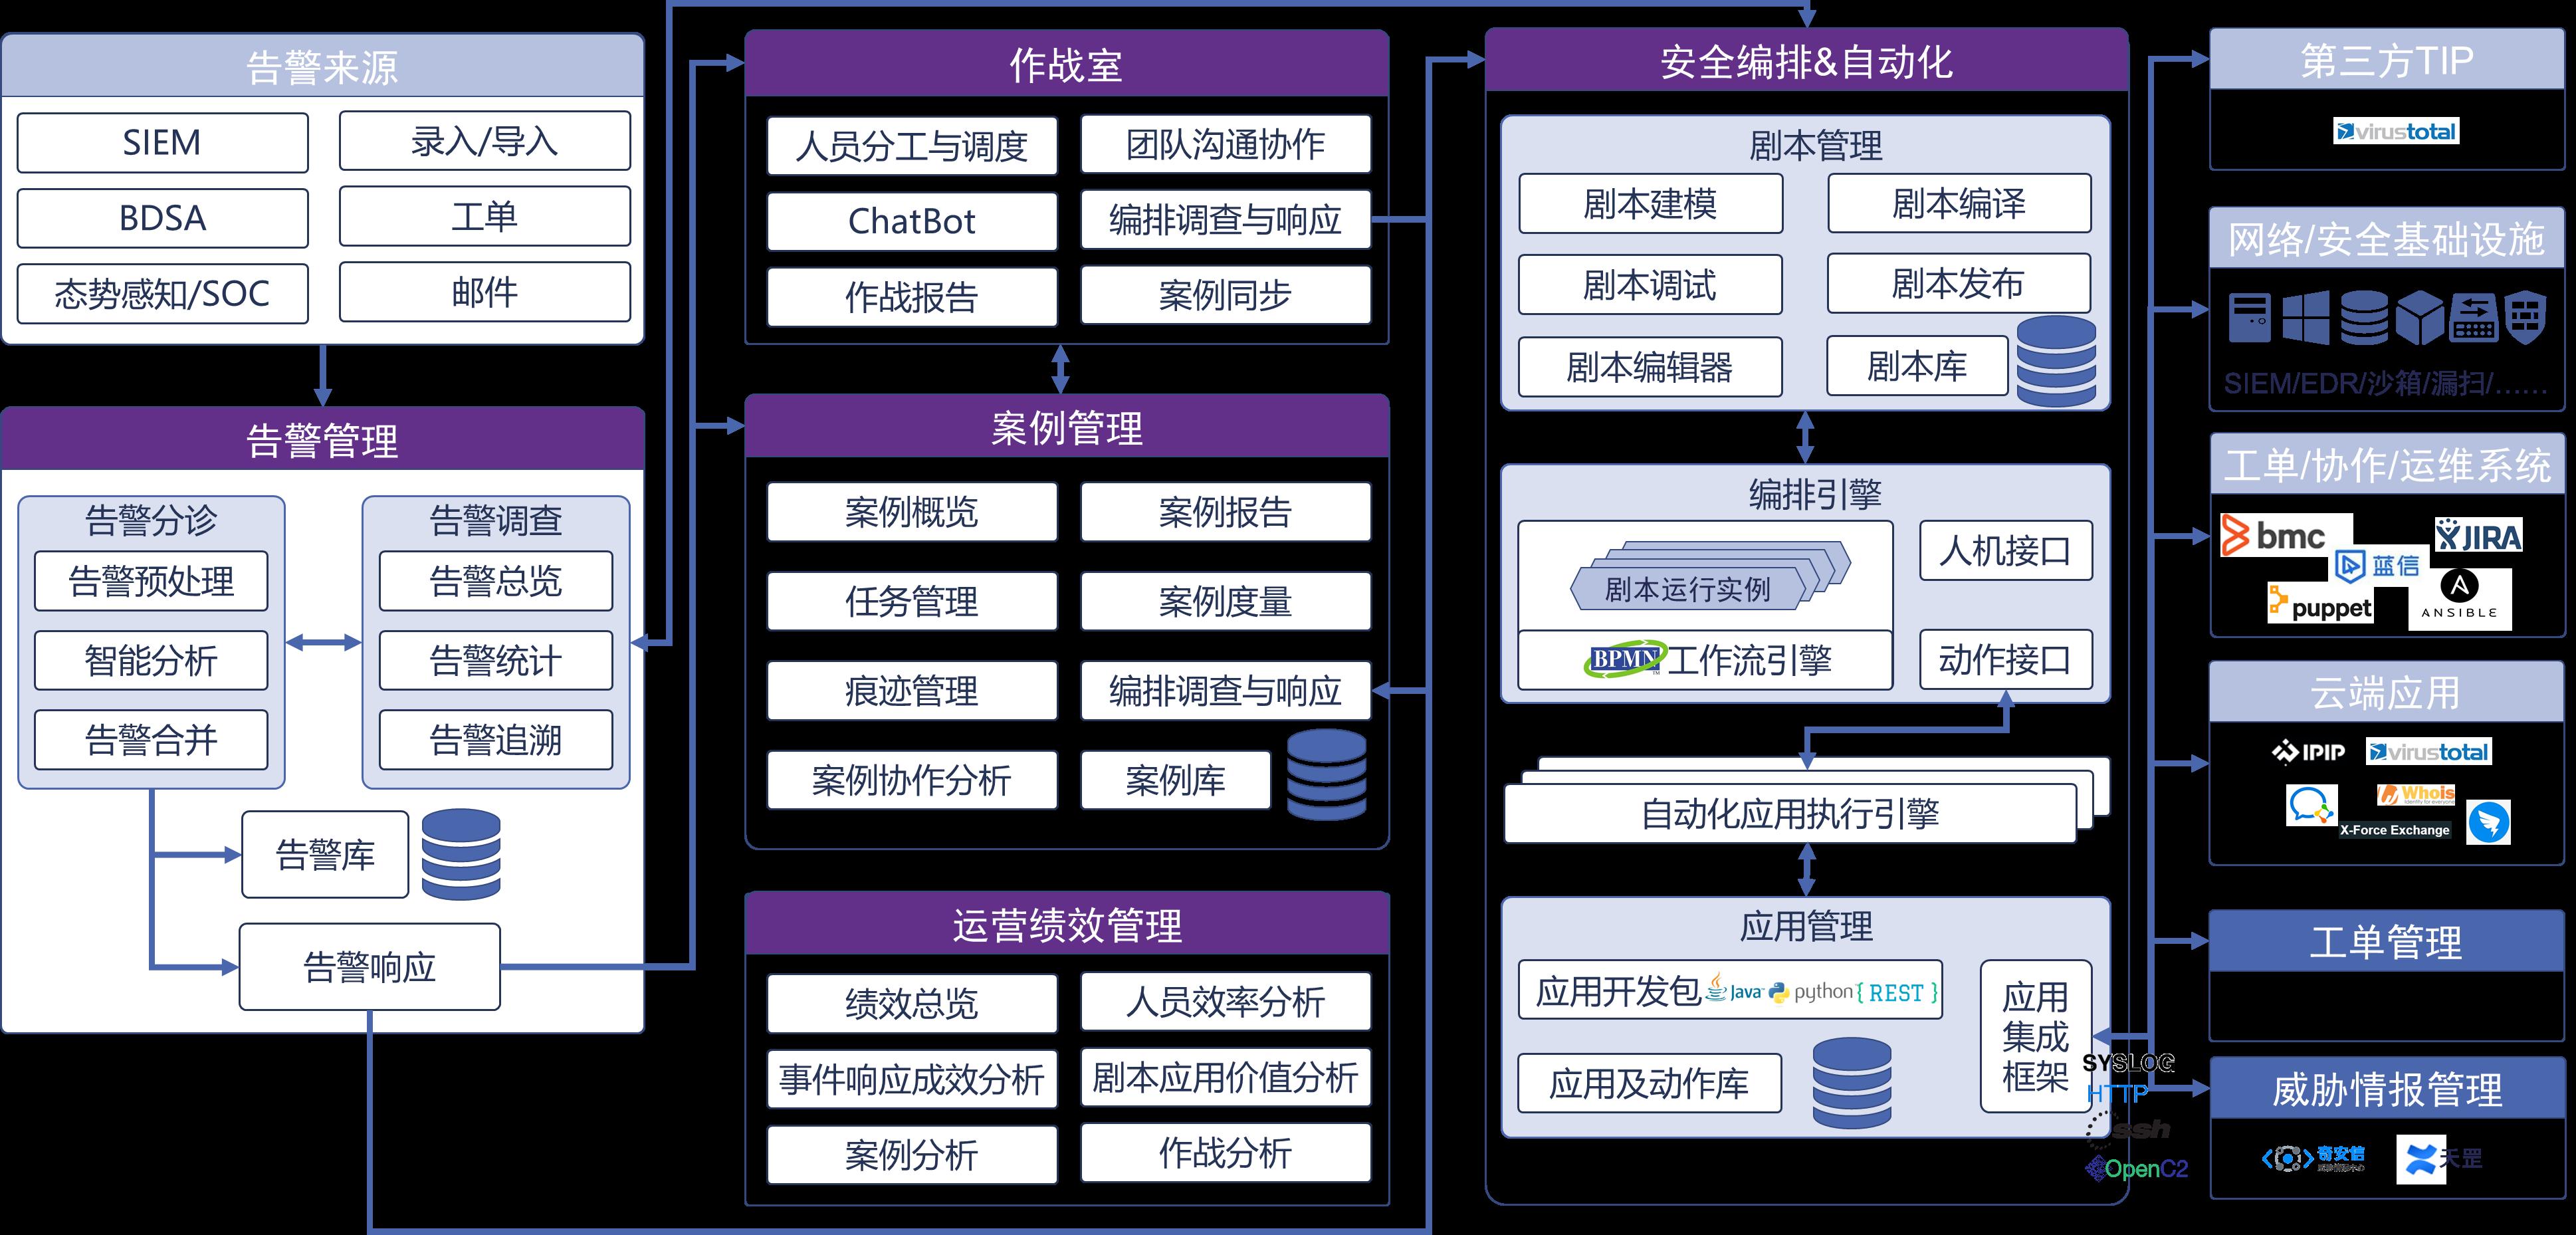 奇安信网神安全分析与管理系统(SOAR)